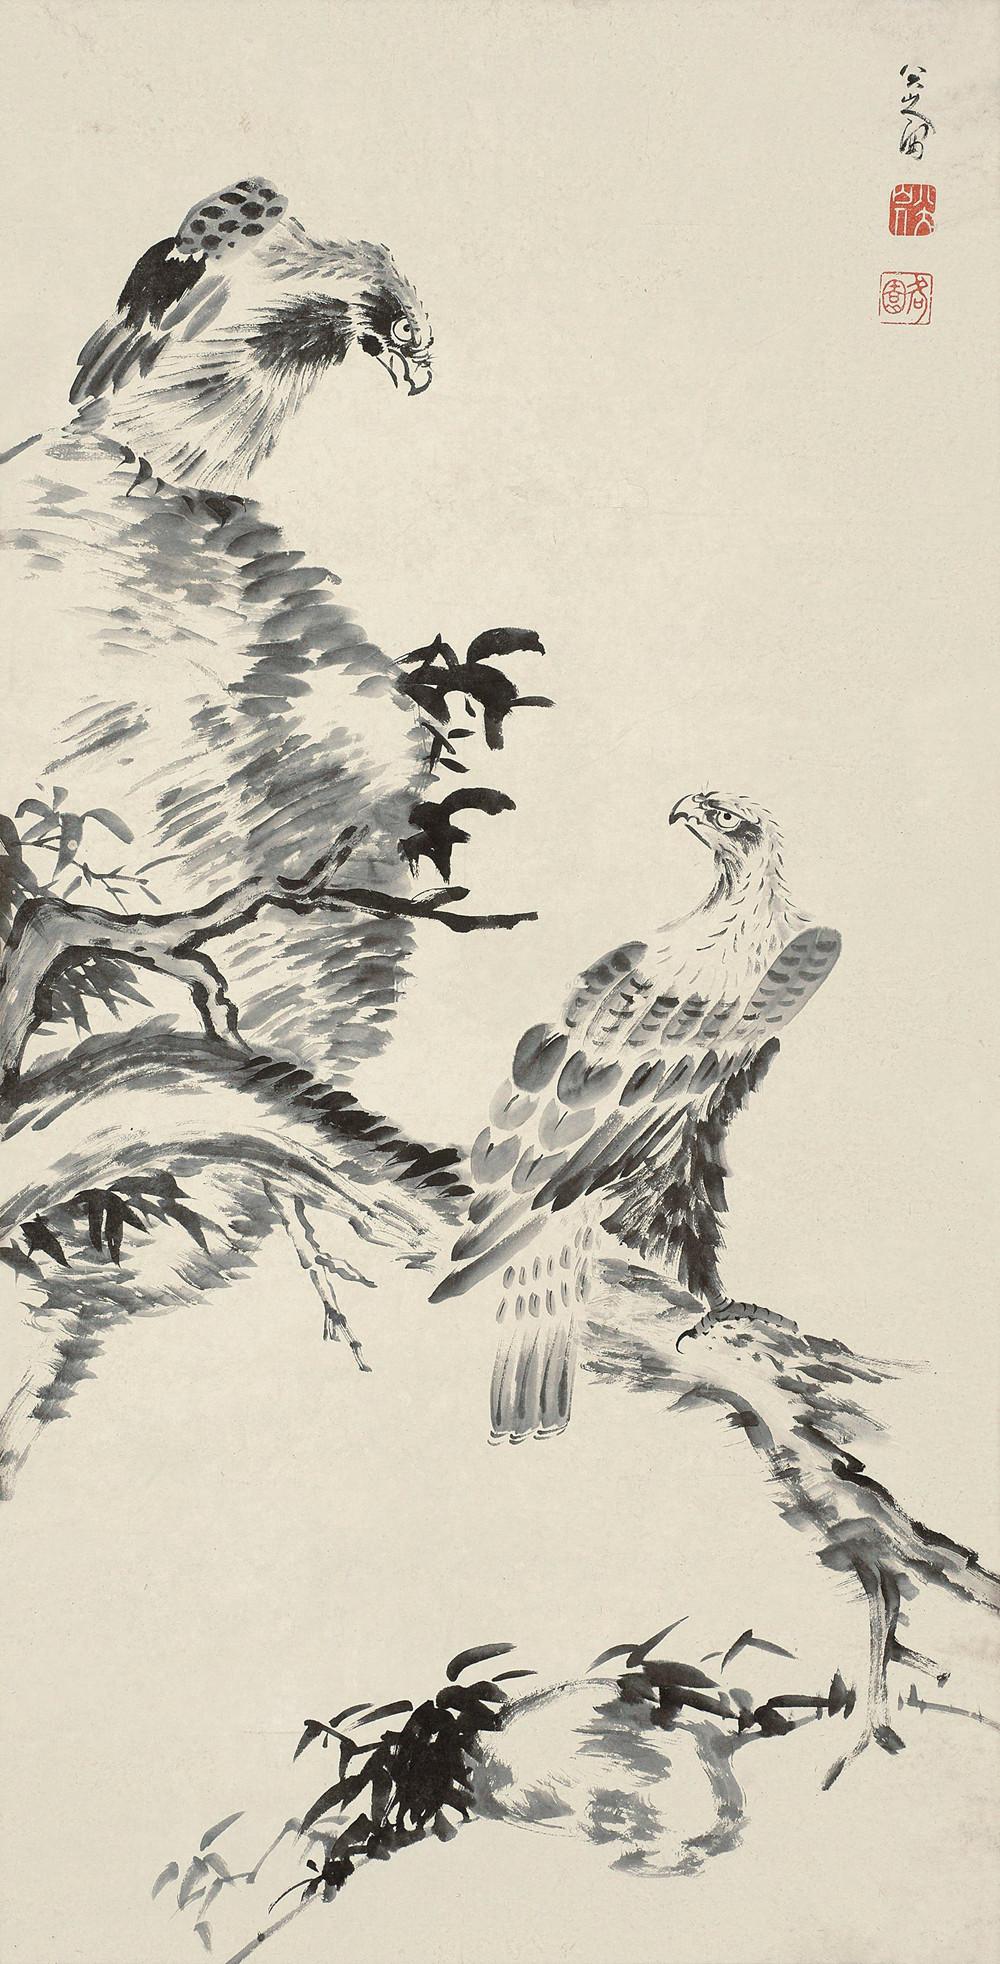 《双鹰图》